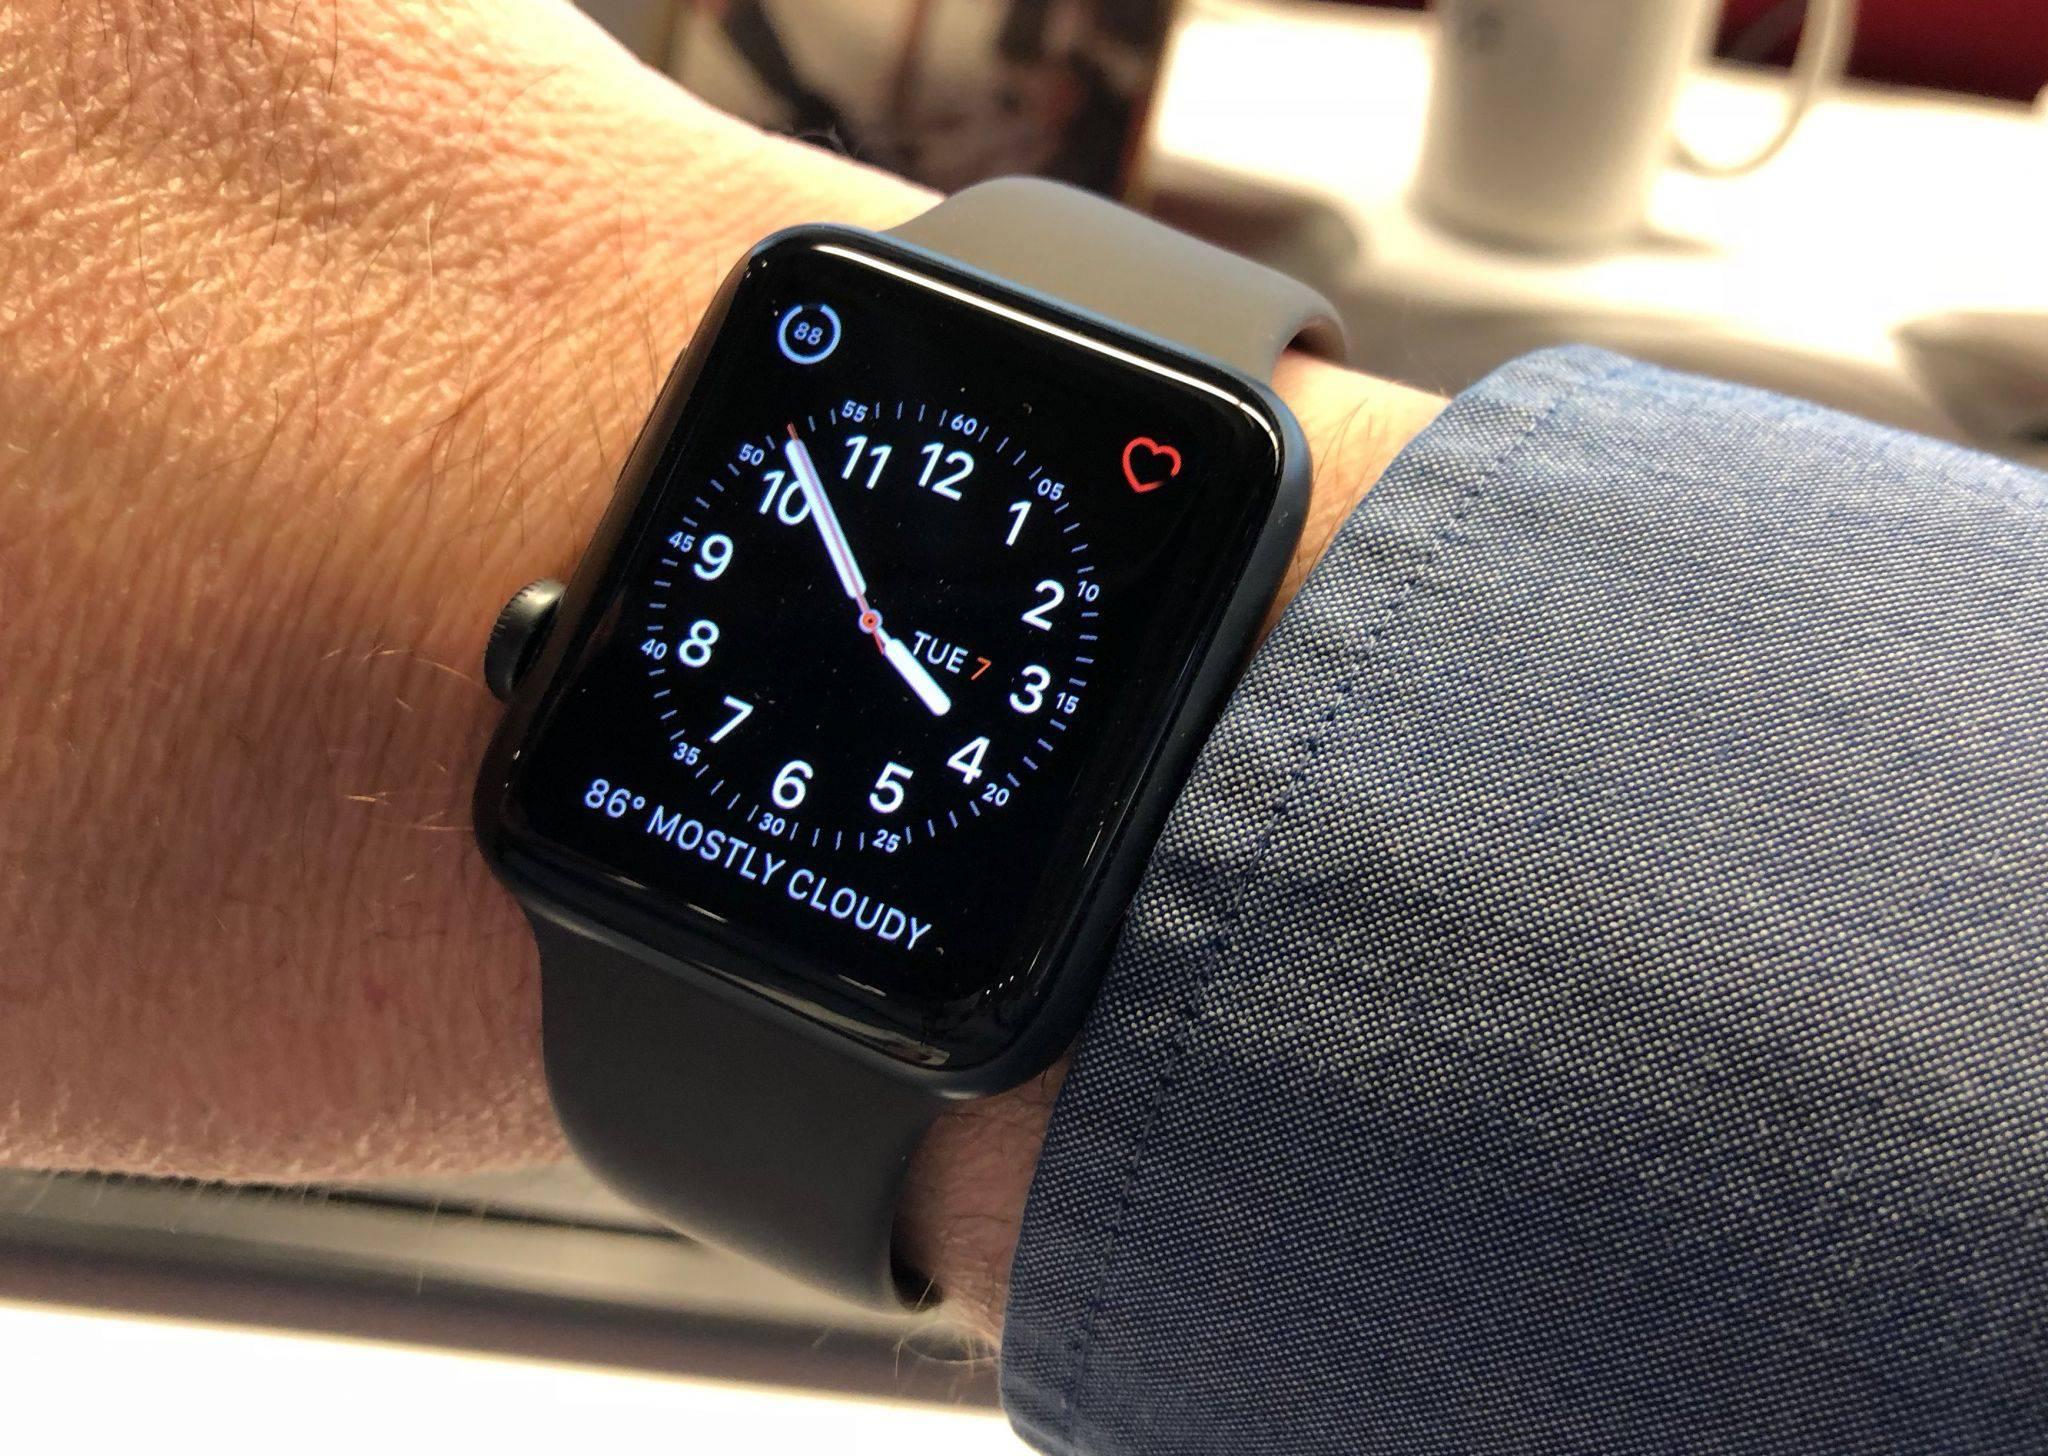 L'orologio a destra o sinistra? Ecco dove si mette l'orologio….